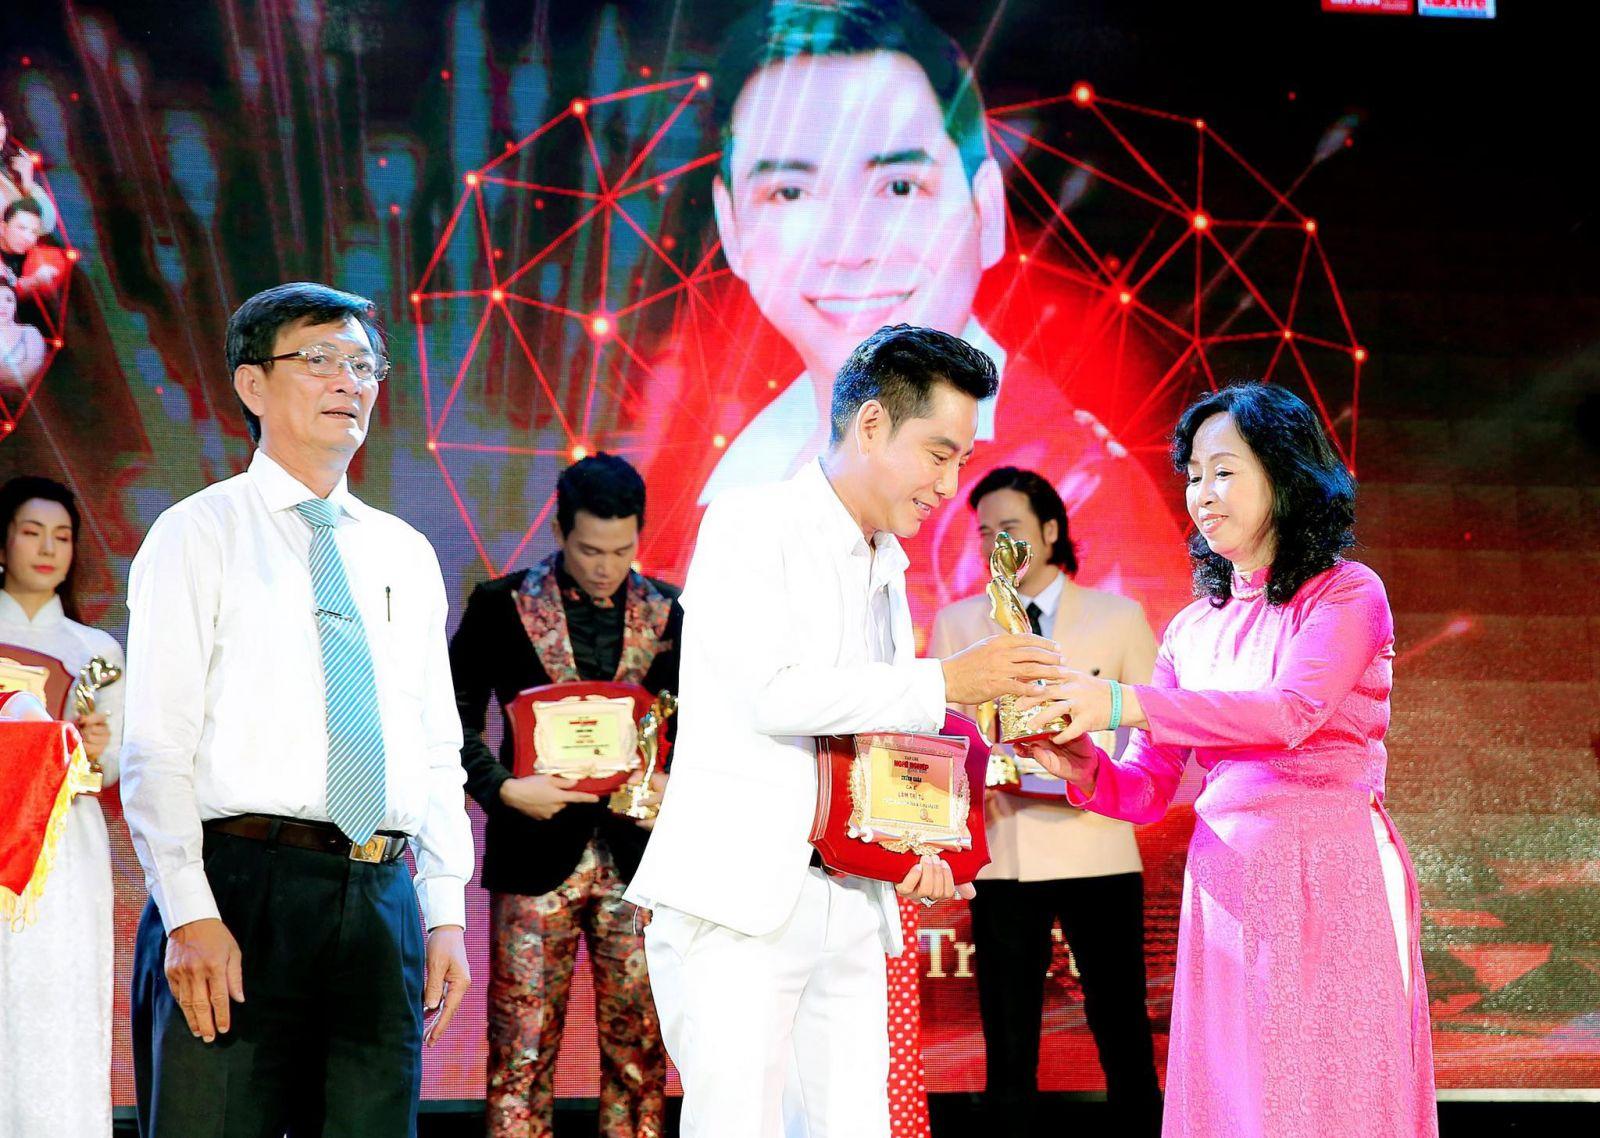 Vào dịp cuối năm 2020 vừa qua, ca sĩ Lâm Trí Tú được trao danh hiệu Nghệ sĩ có trái tim nhân ái vì cộng đồng, đó là niềm vui, động lực cho nam ca sĩ tiếp tục hành trình tốt đẹp và ý nghĩa của mình